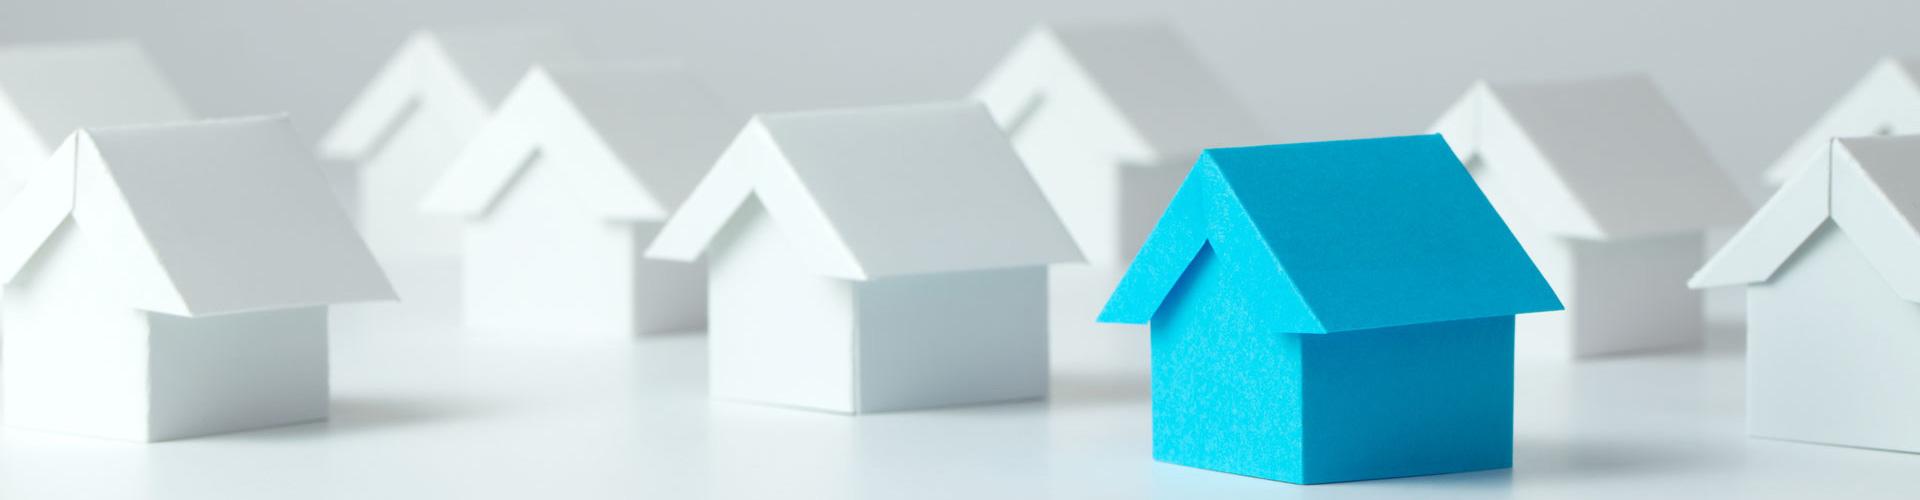 Vente immobili re mes petites astuces simples tir es de mon exp rience pour - Comment evaluer un bien immobilier ...